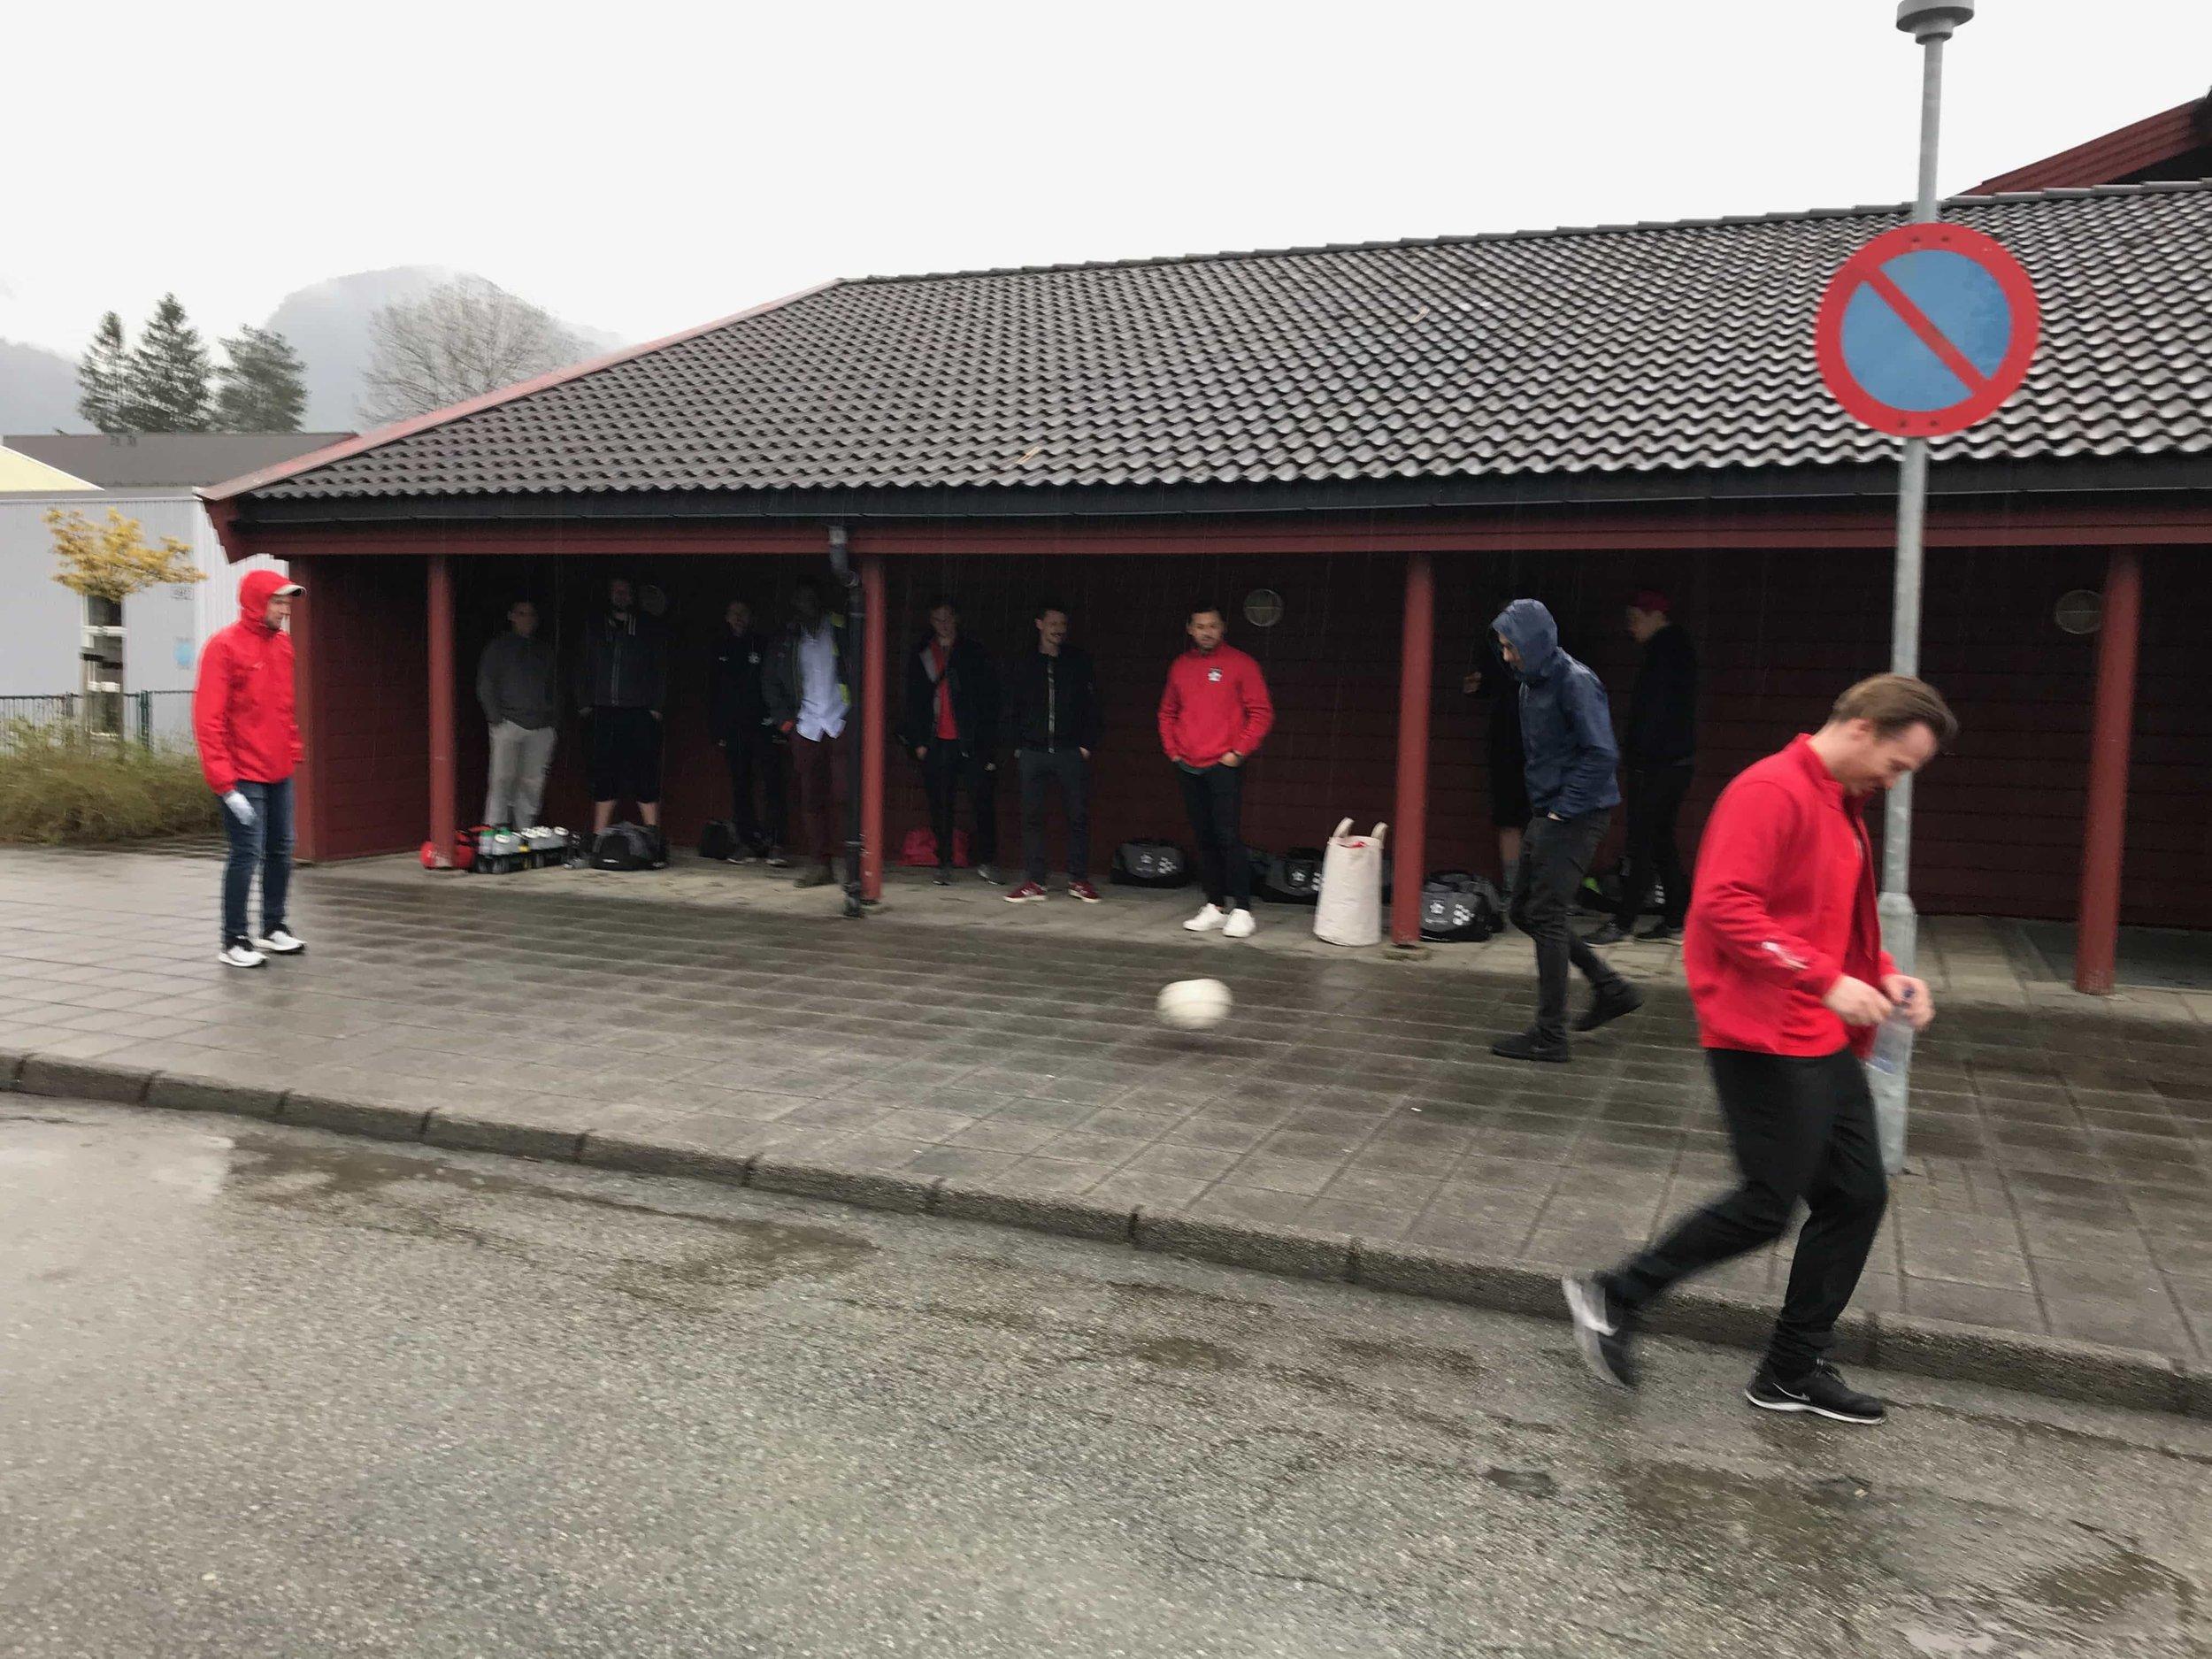 De fleste hadde lært av Erlends klokskap i Stavanger om å stå under tak når det regne. Utenom Hansi